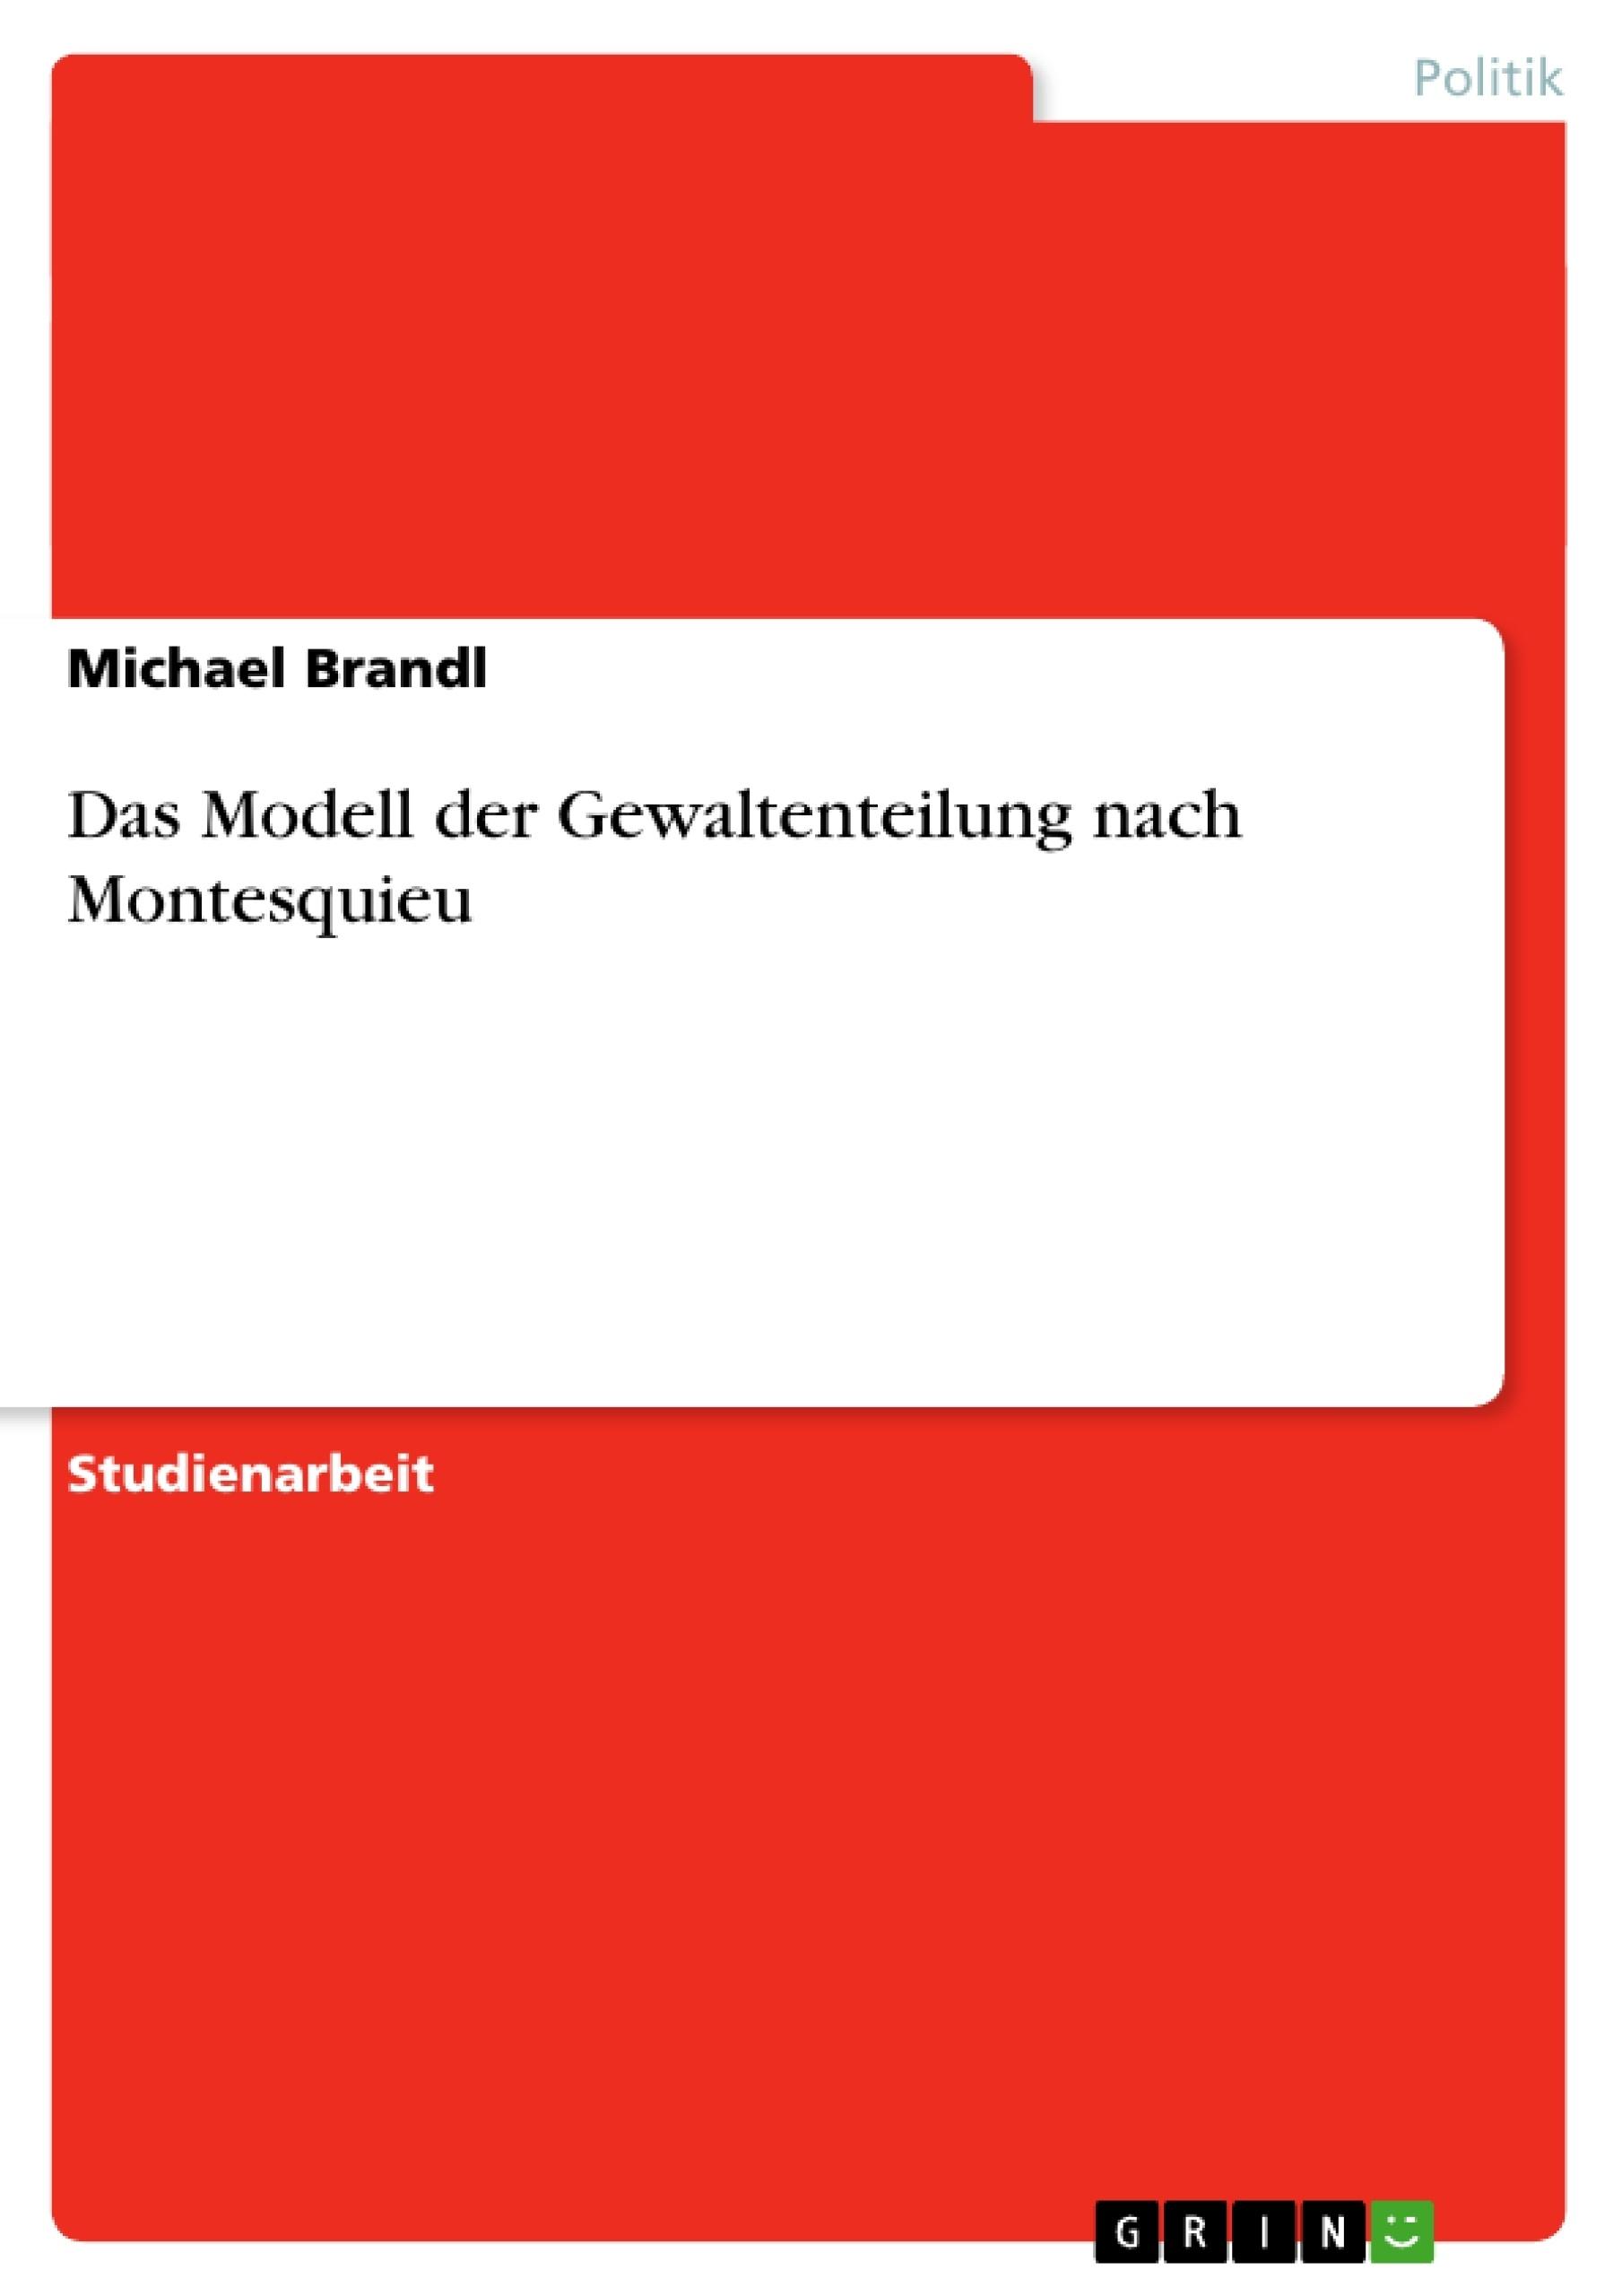 Titel: Das Modell der Gewaltenteilung nach Montesquieu